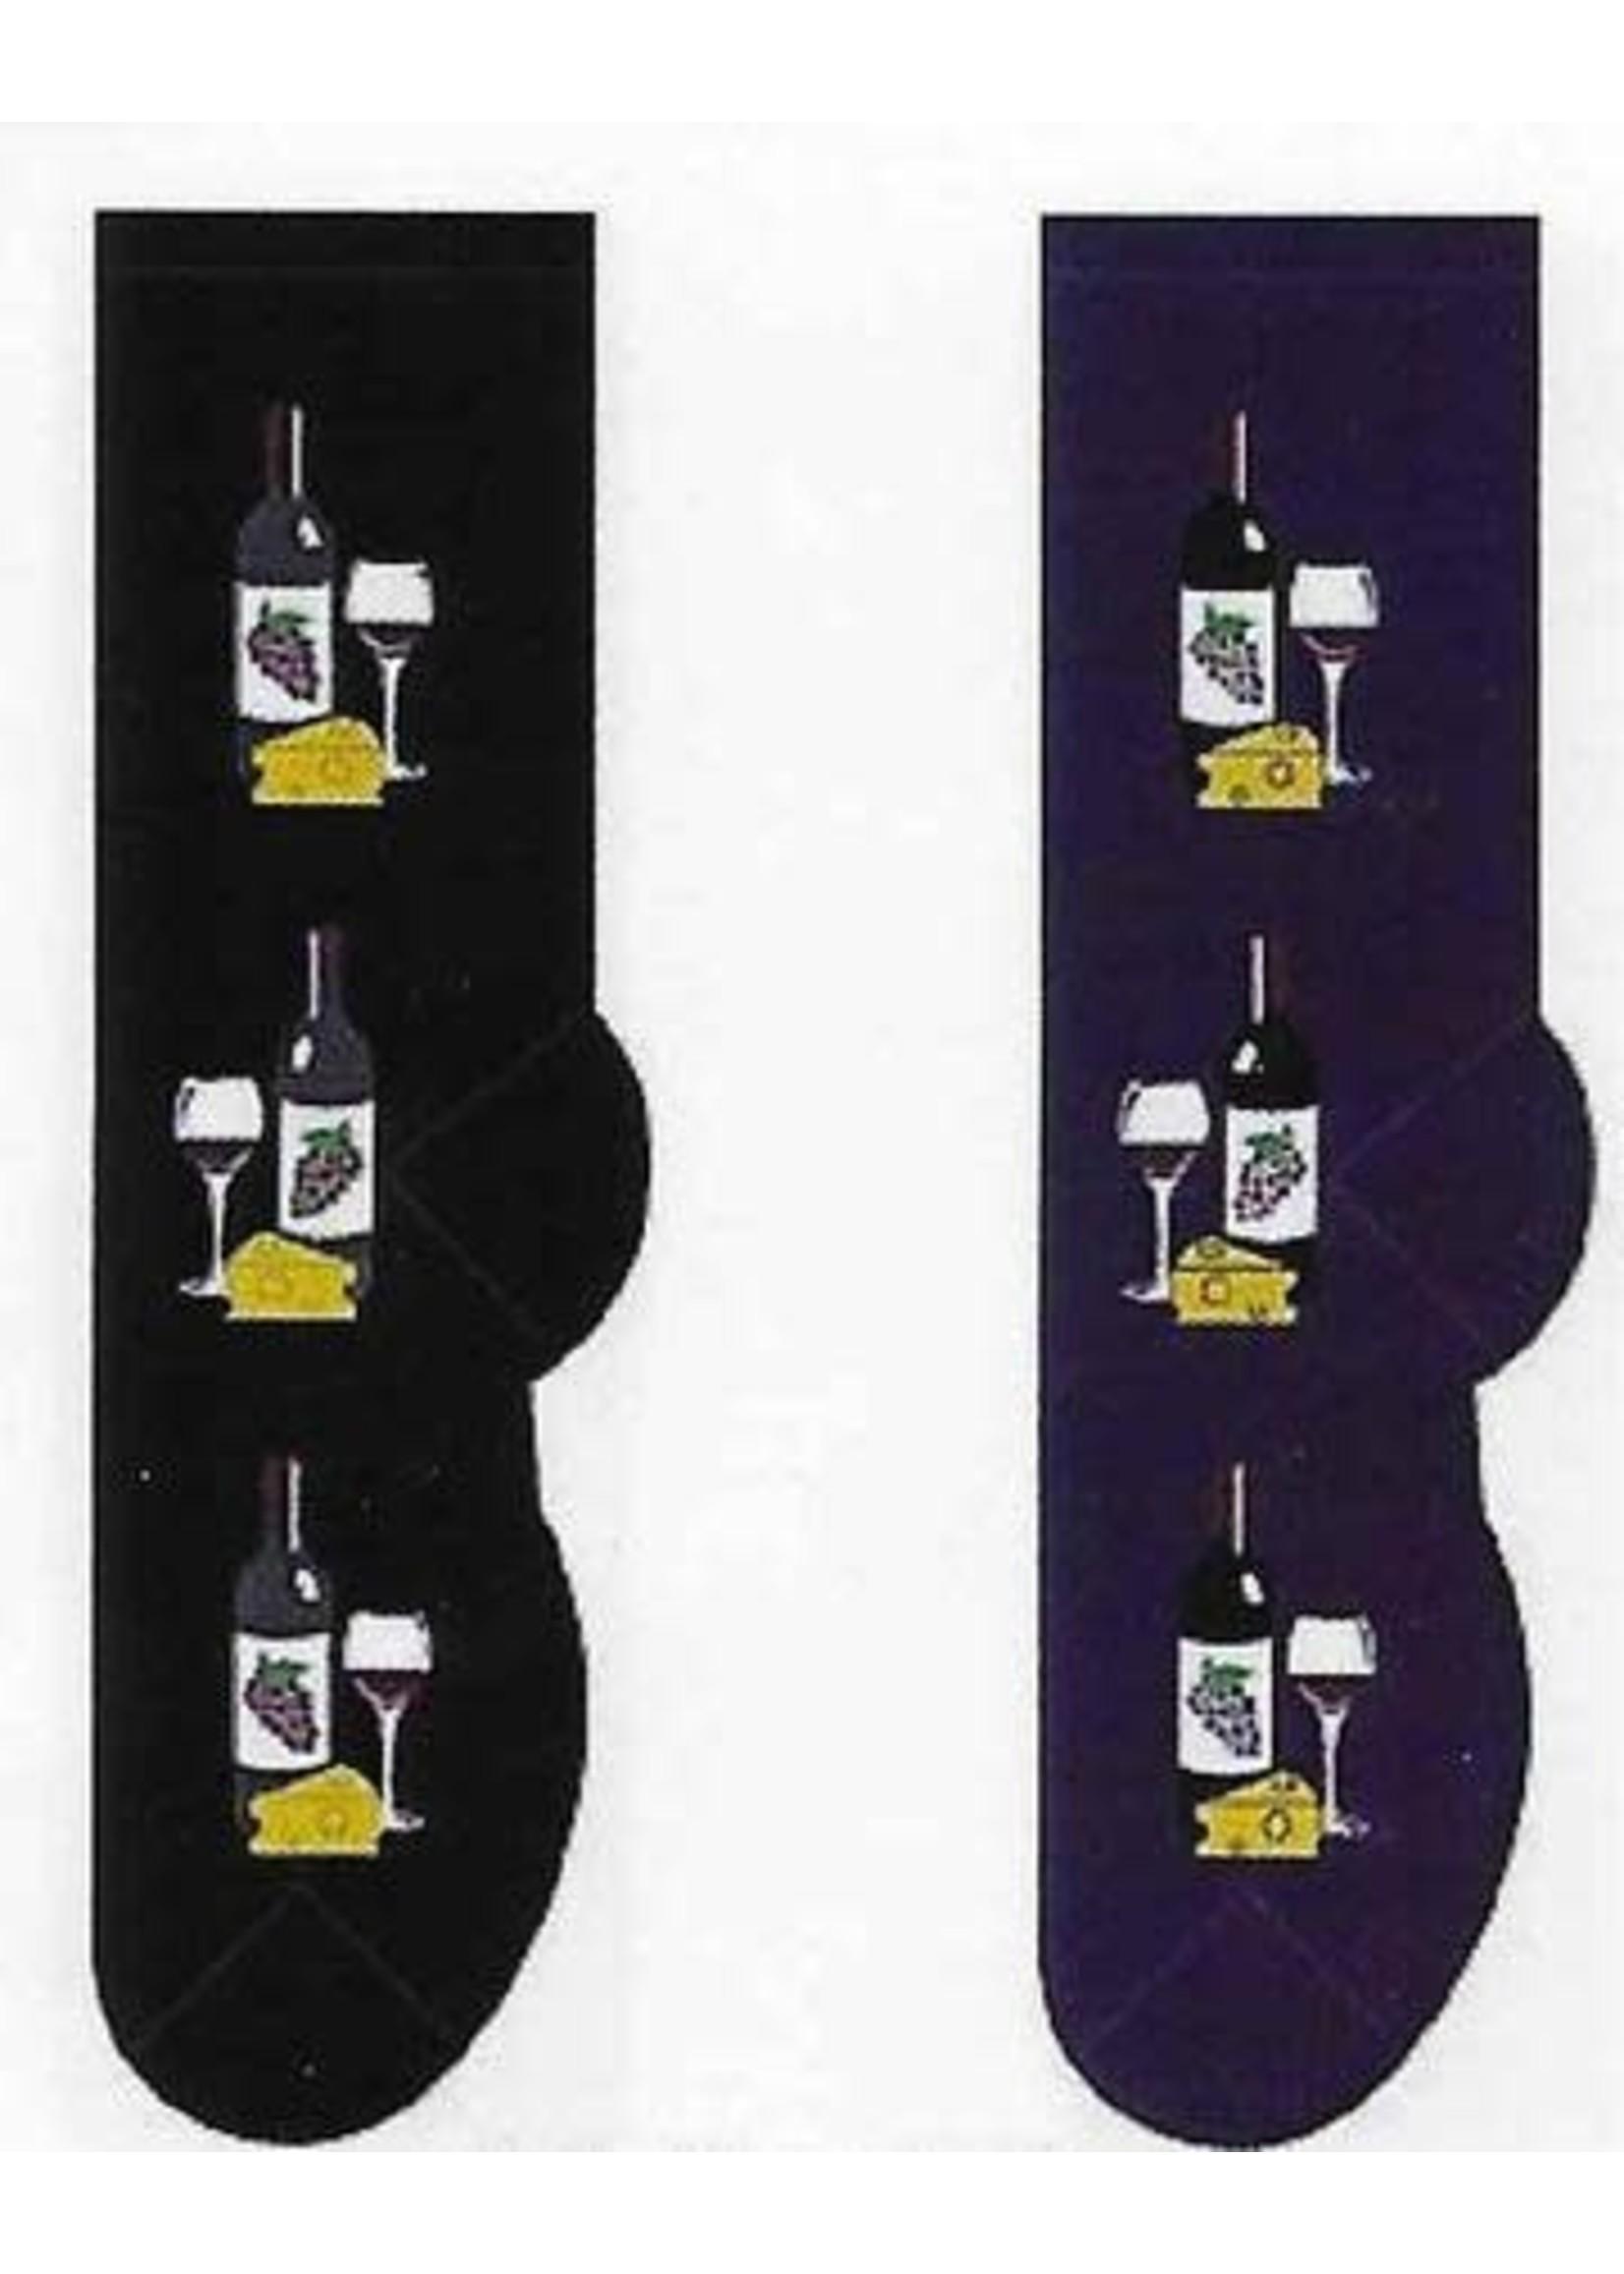 Foozys Wine & Cheese Socks